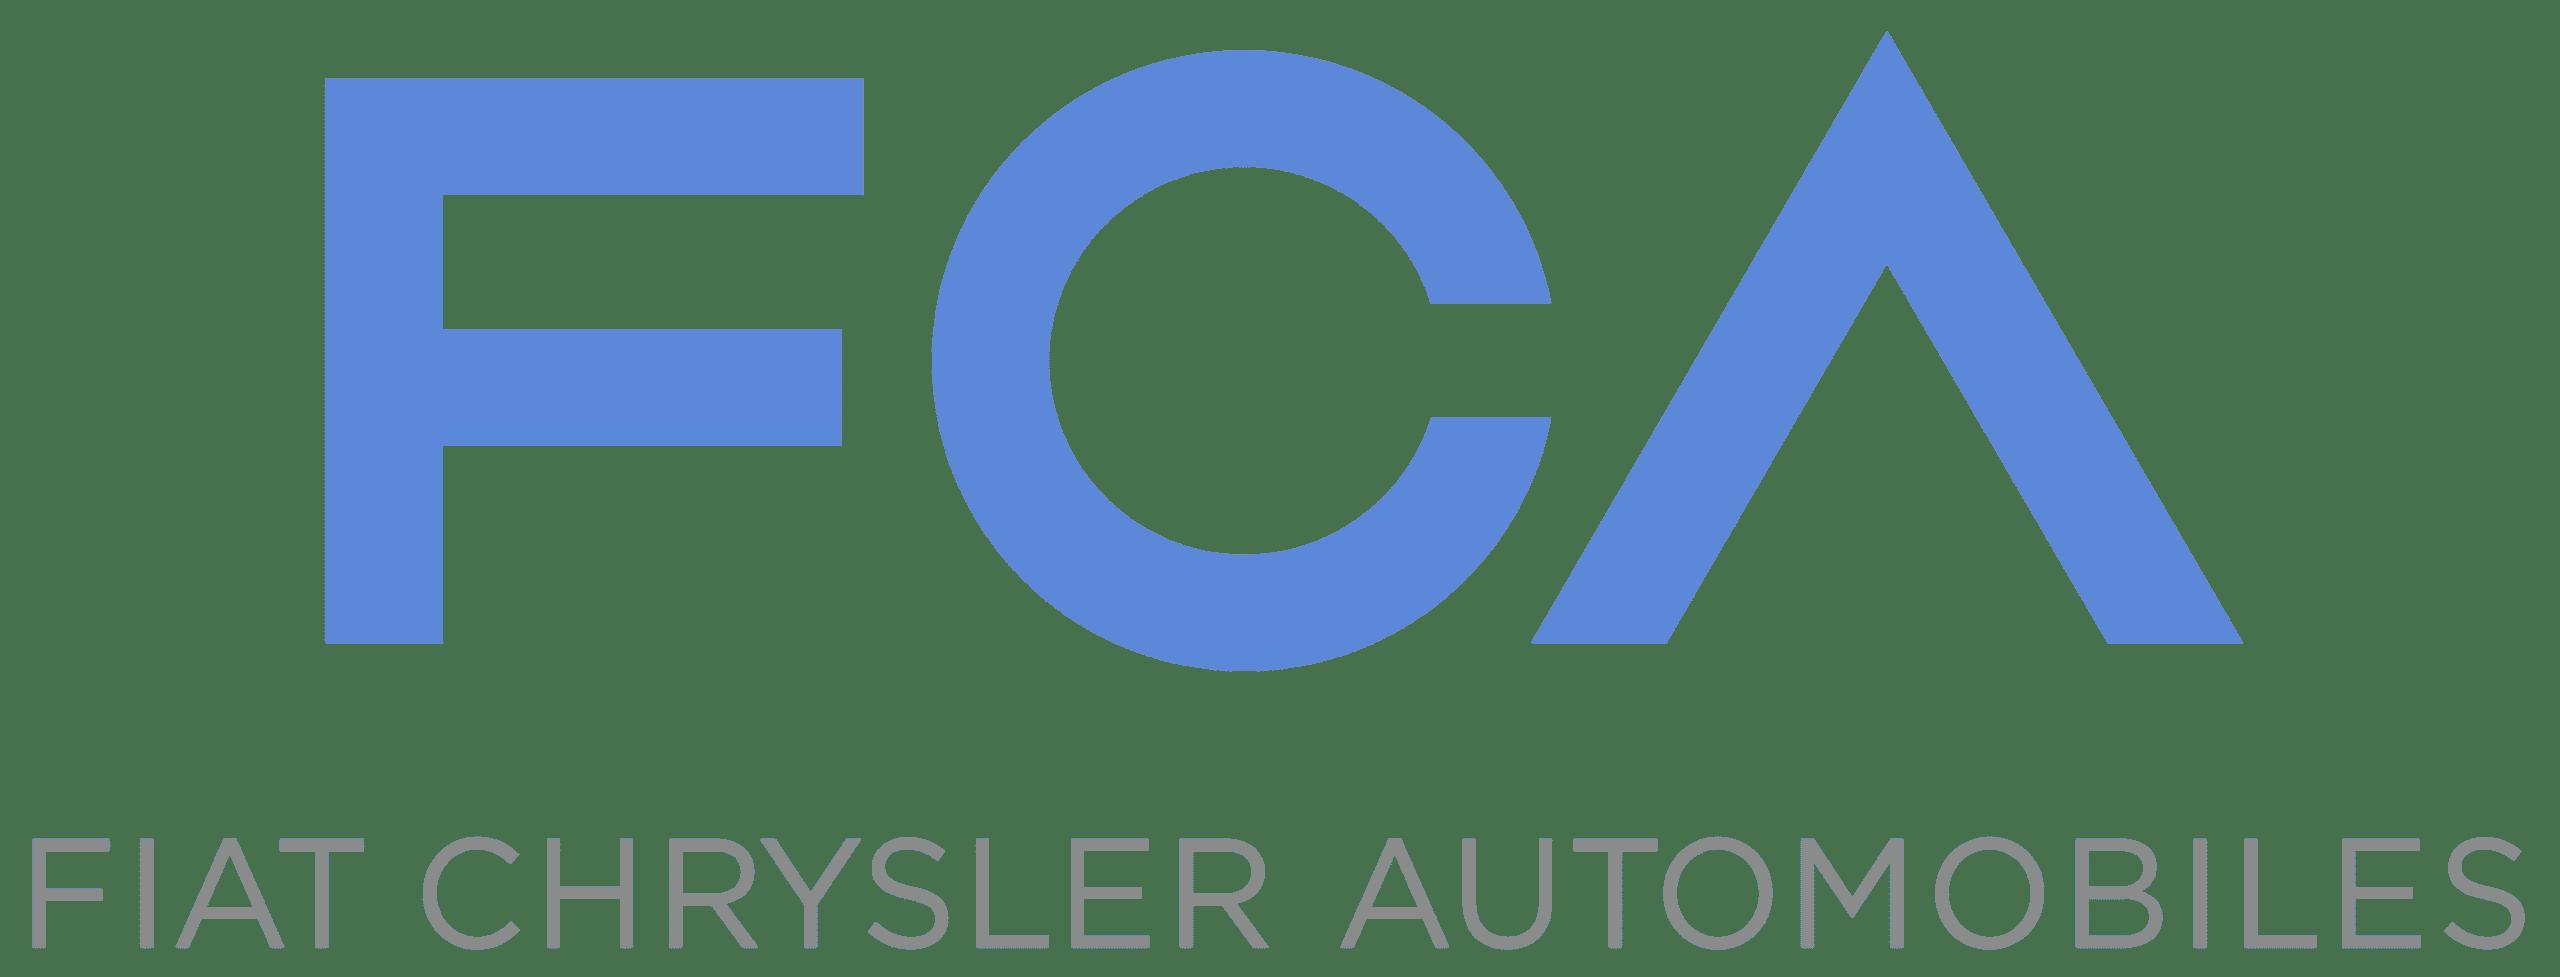 19-Logo_Fiat_Chrysler_Automobiles